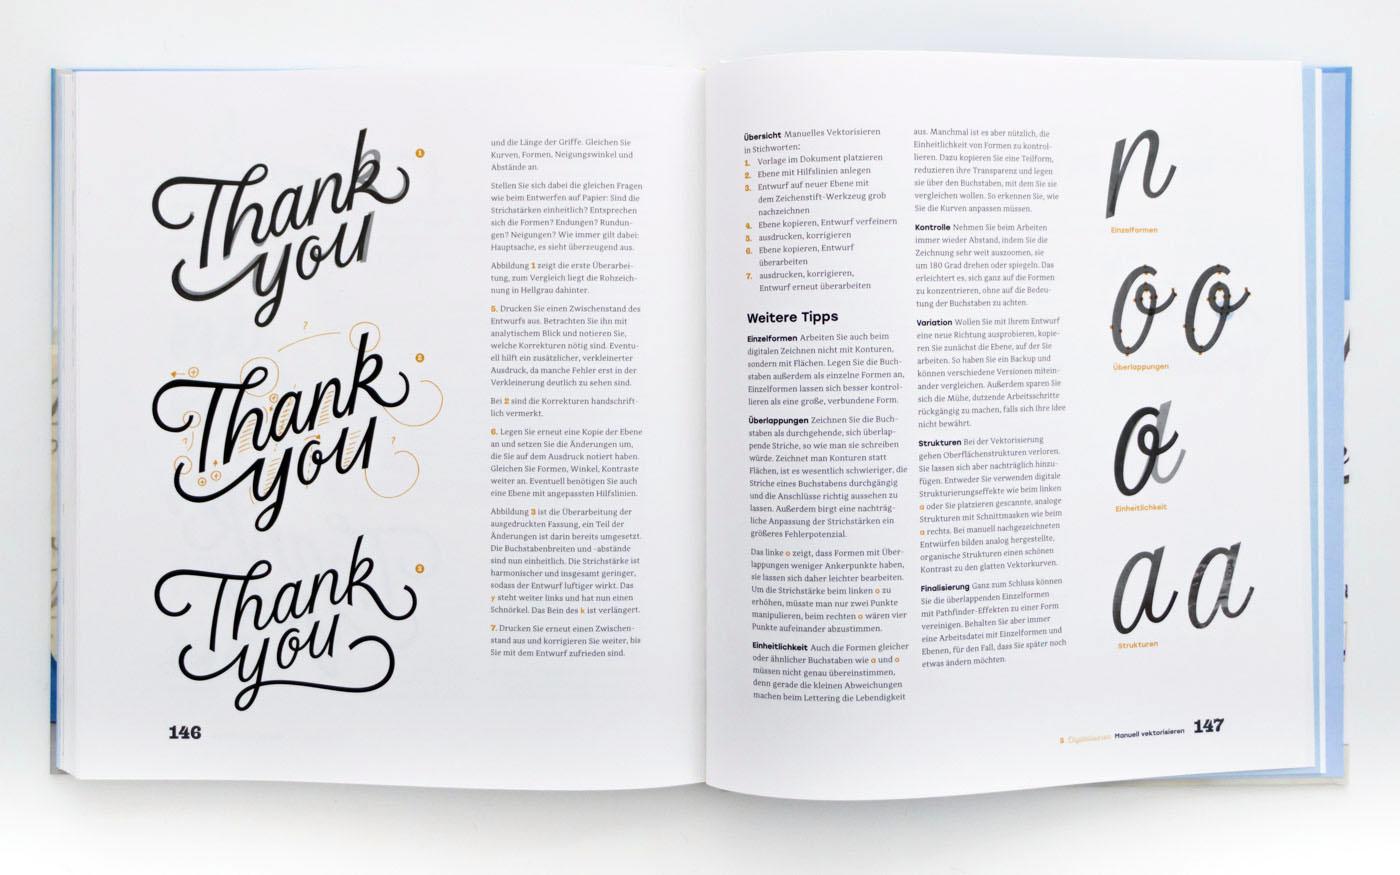 Handbuch Handlettering – Handlettering Tipps von Chris Campe, ISBN 978-3-258-60165-6